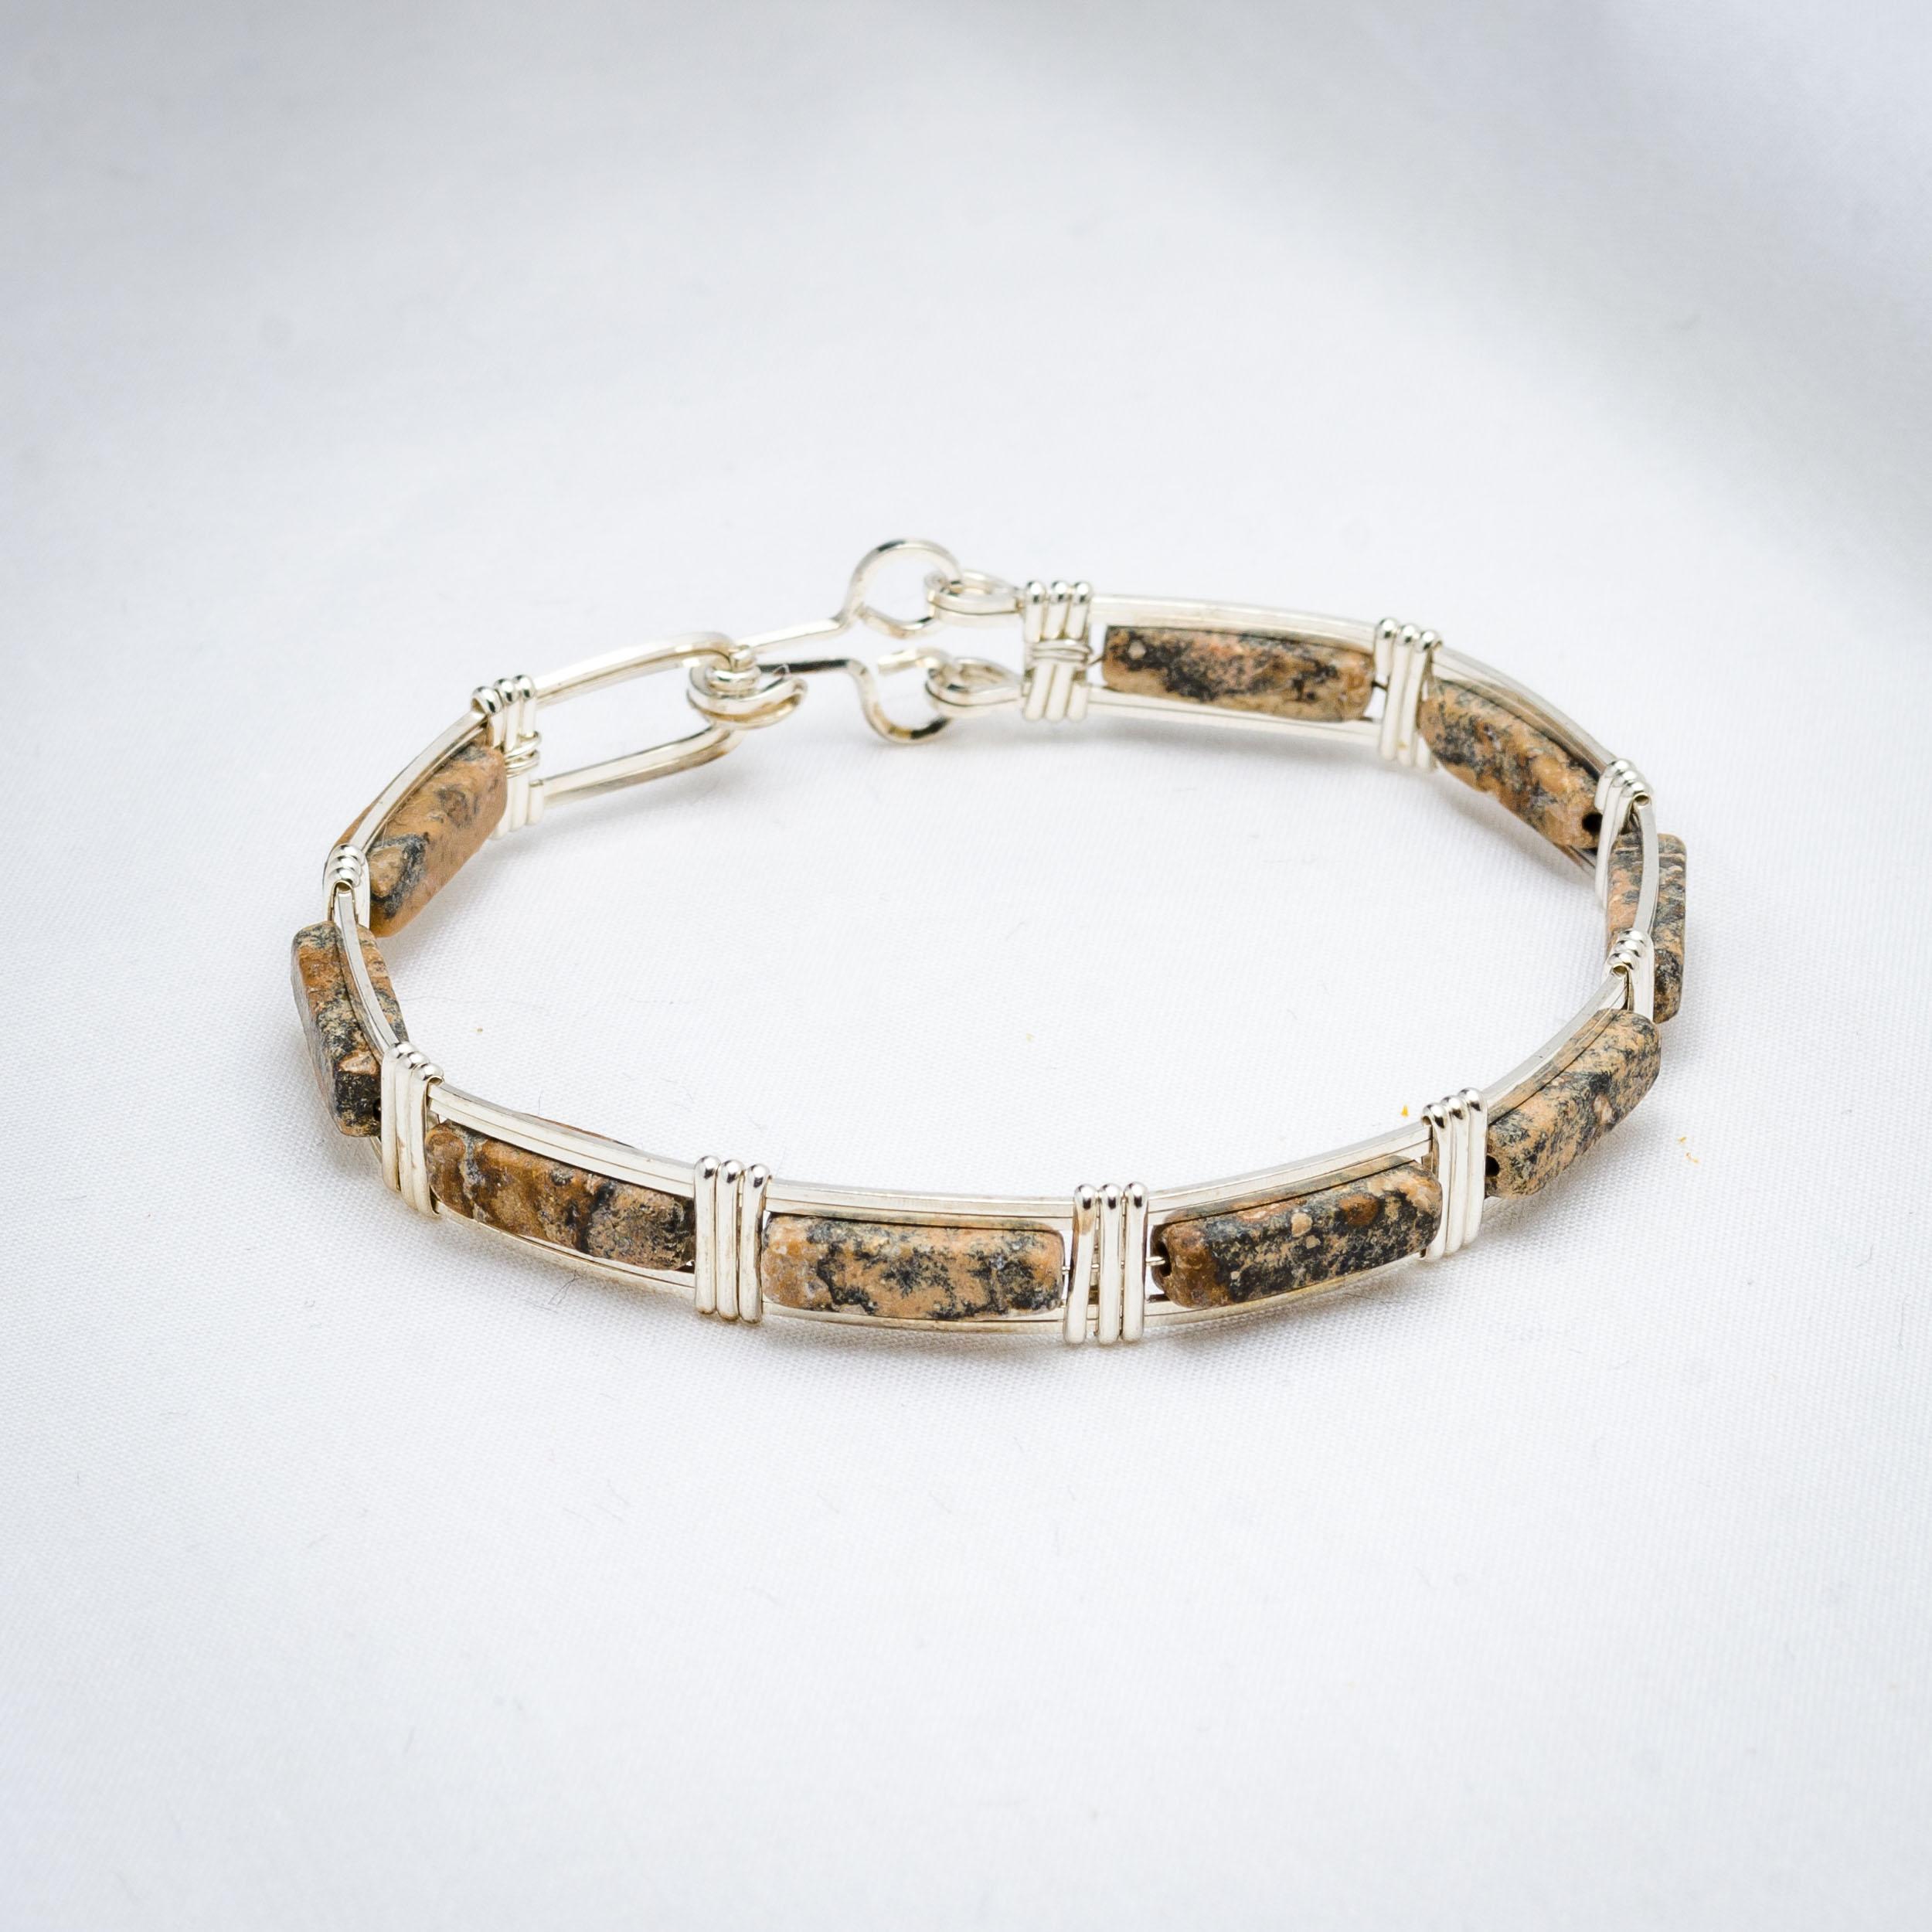 Bracelet_110.JPG